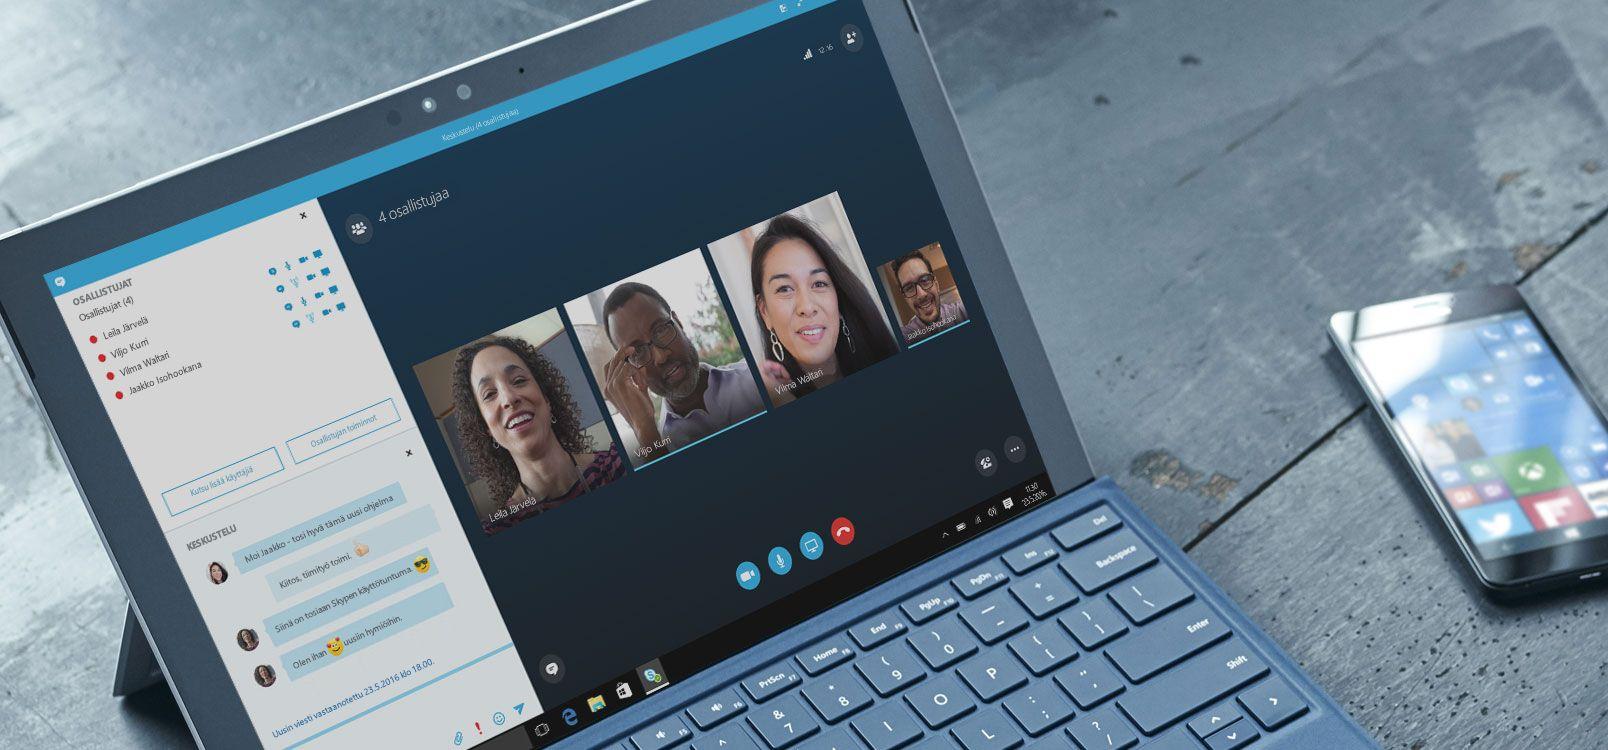 Nainen työstää tiedostoja yhdessä muiden kanssa Office 365:ssä tabletilla ja älypuhelimella.